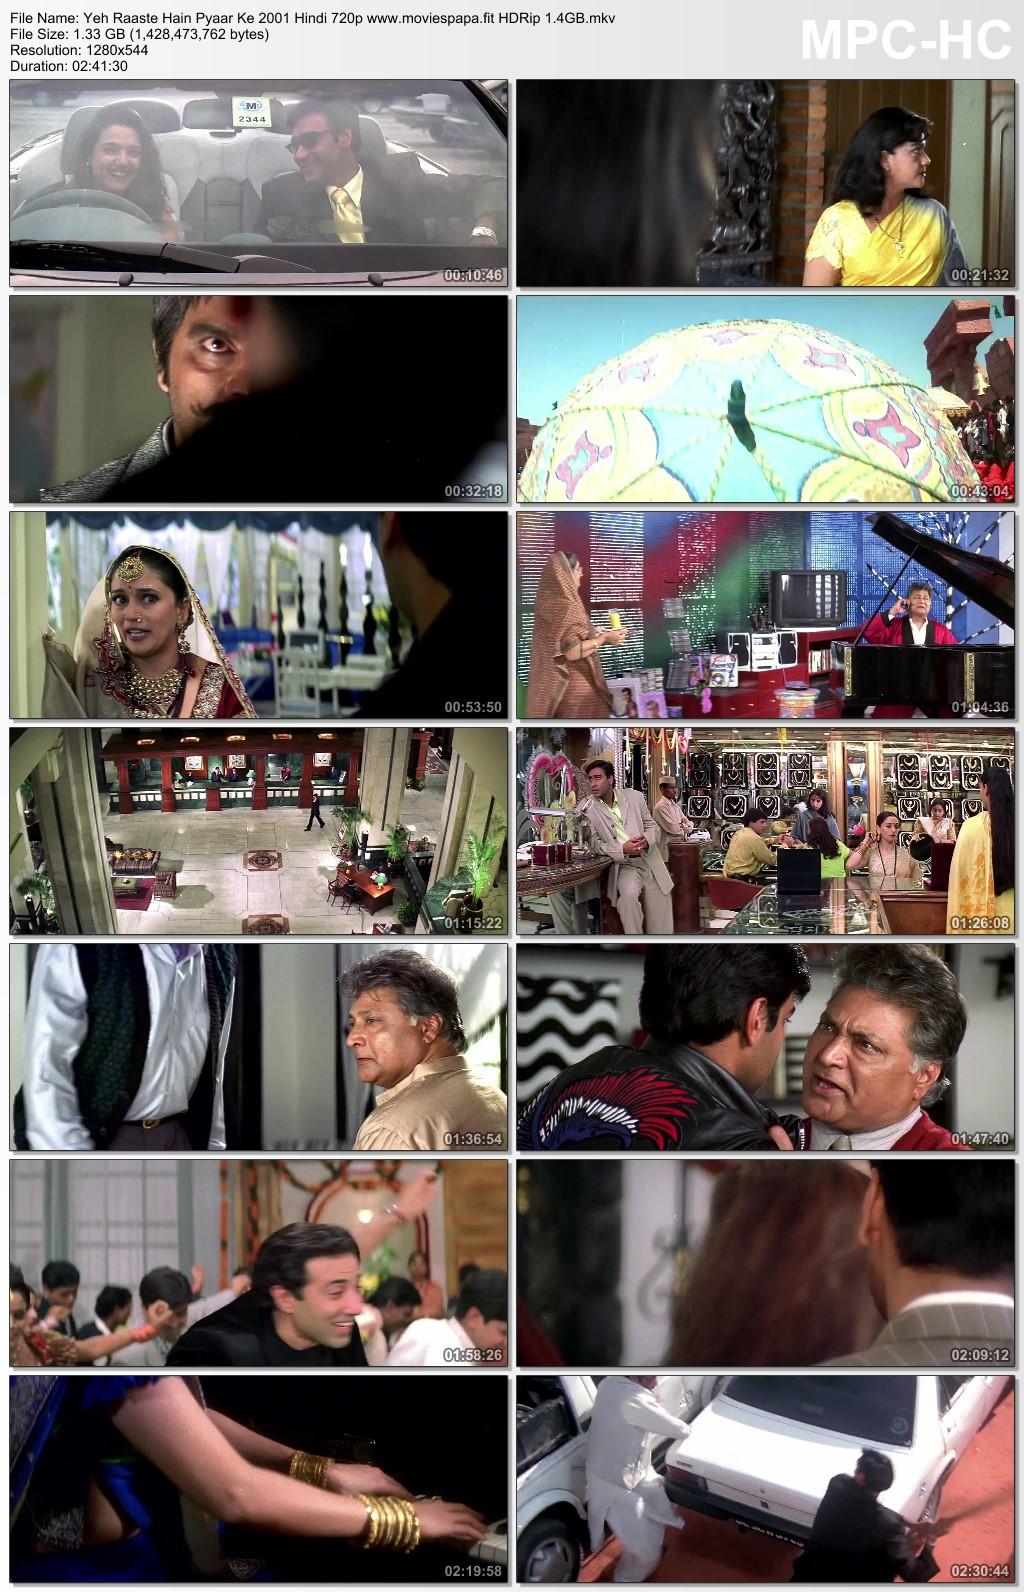 Yeh Raaste Hain Pyaar Ke 2001 Hindi Movie 720p HDRip 1.3GB Download